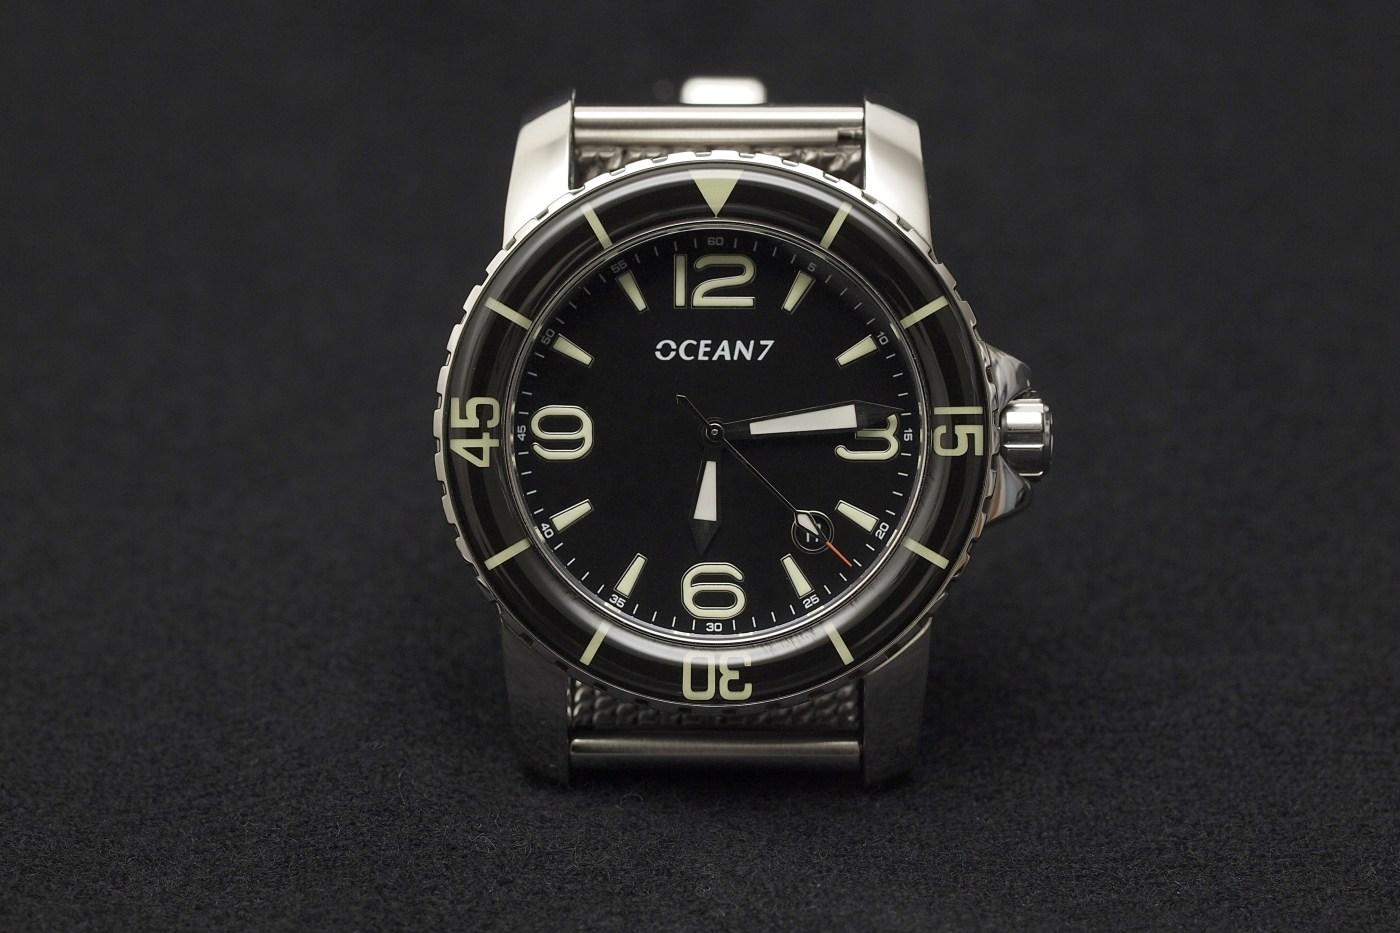 Ocean 7 LM-5 front